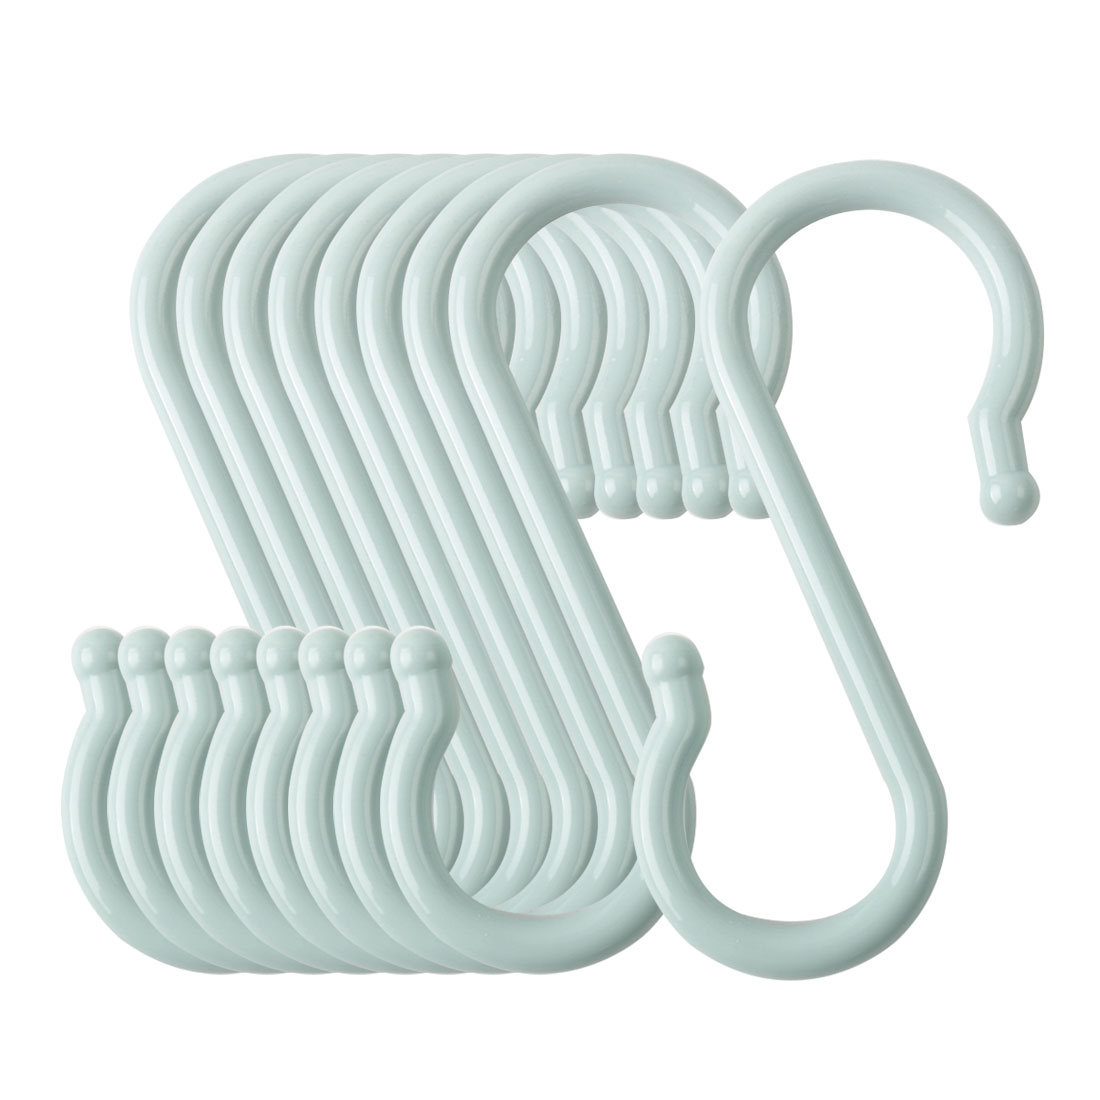 9 Pack S Shaped Hook Plastic for Kitchen Utensils Coat Towel Hanger Light Blue